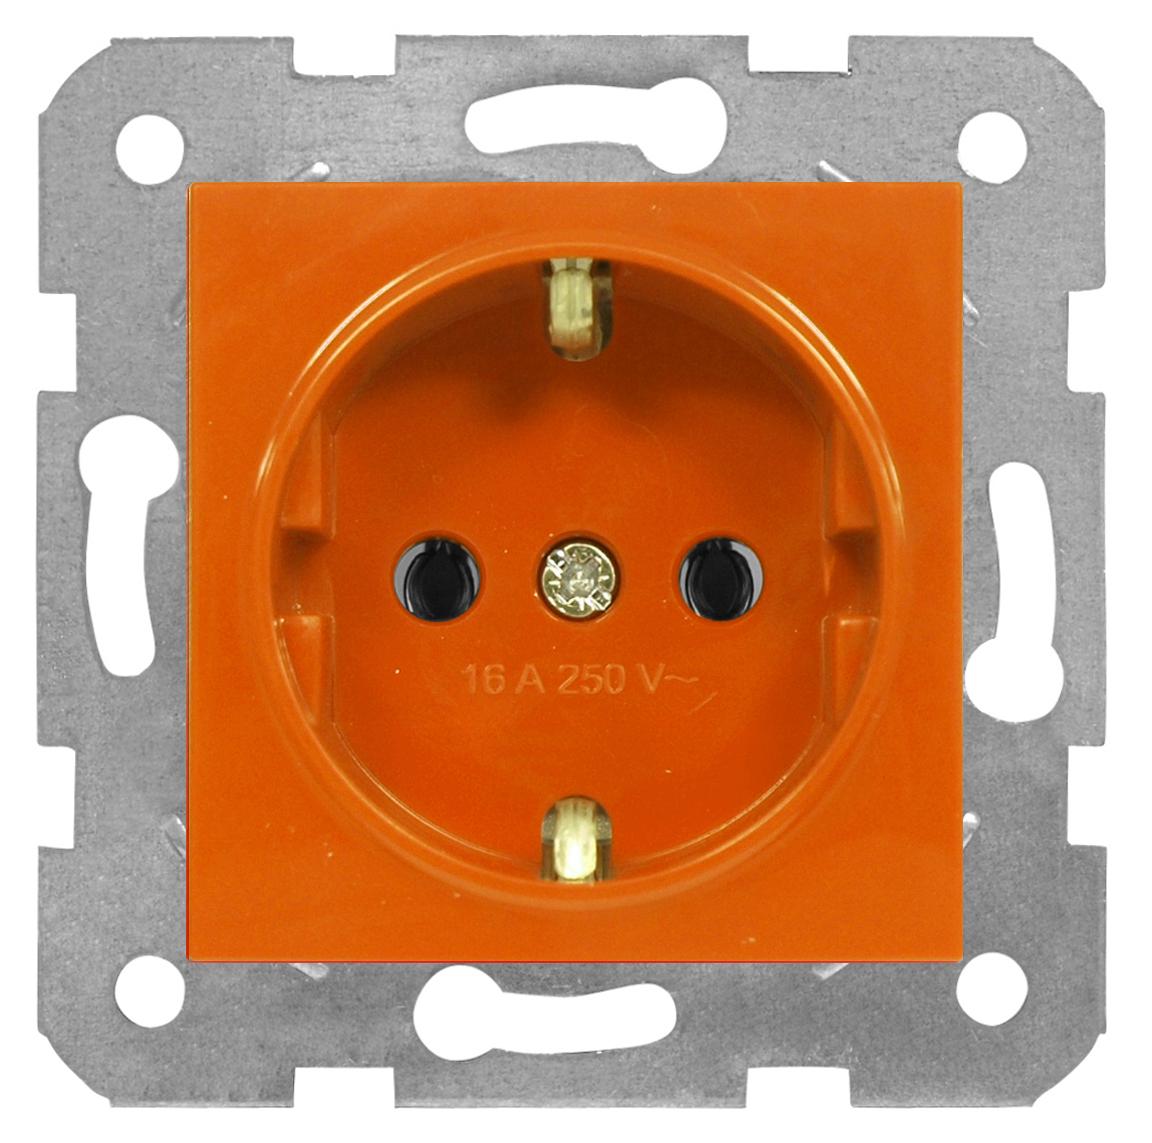 1 Stk Steckdose, orange, Schraubklemmen EV101010--